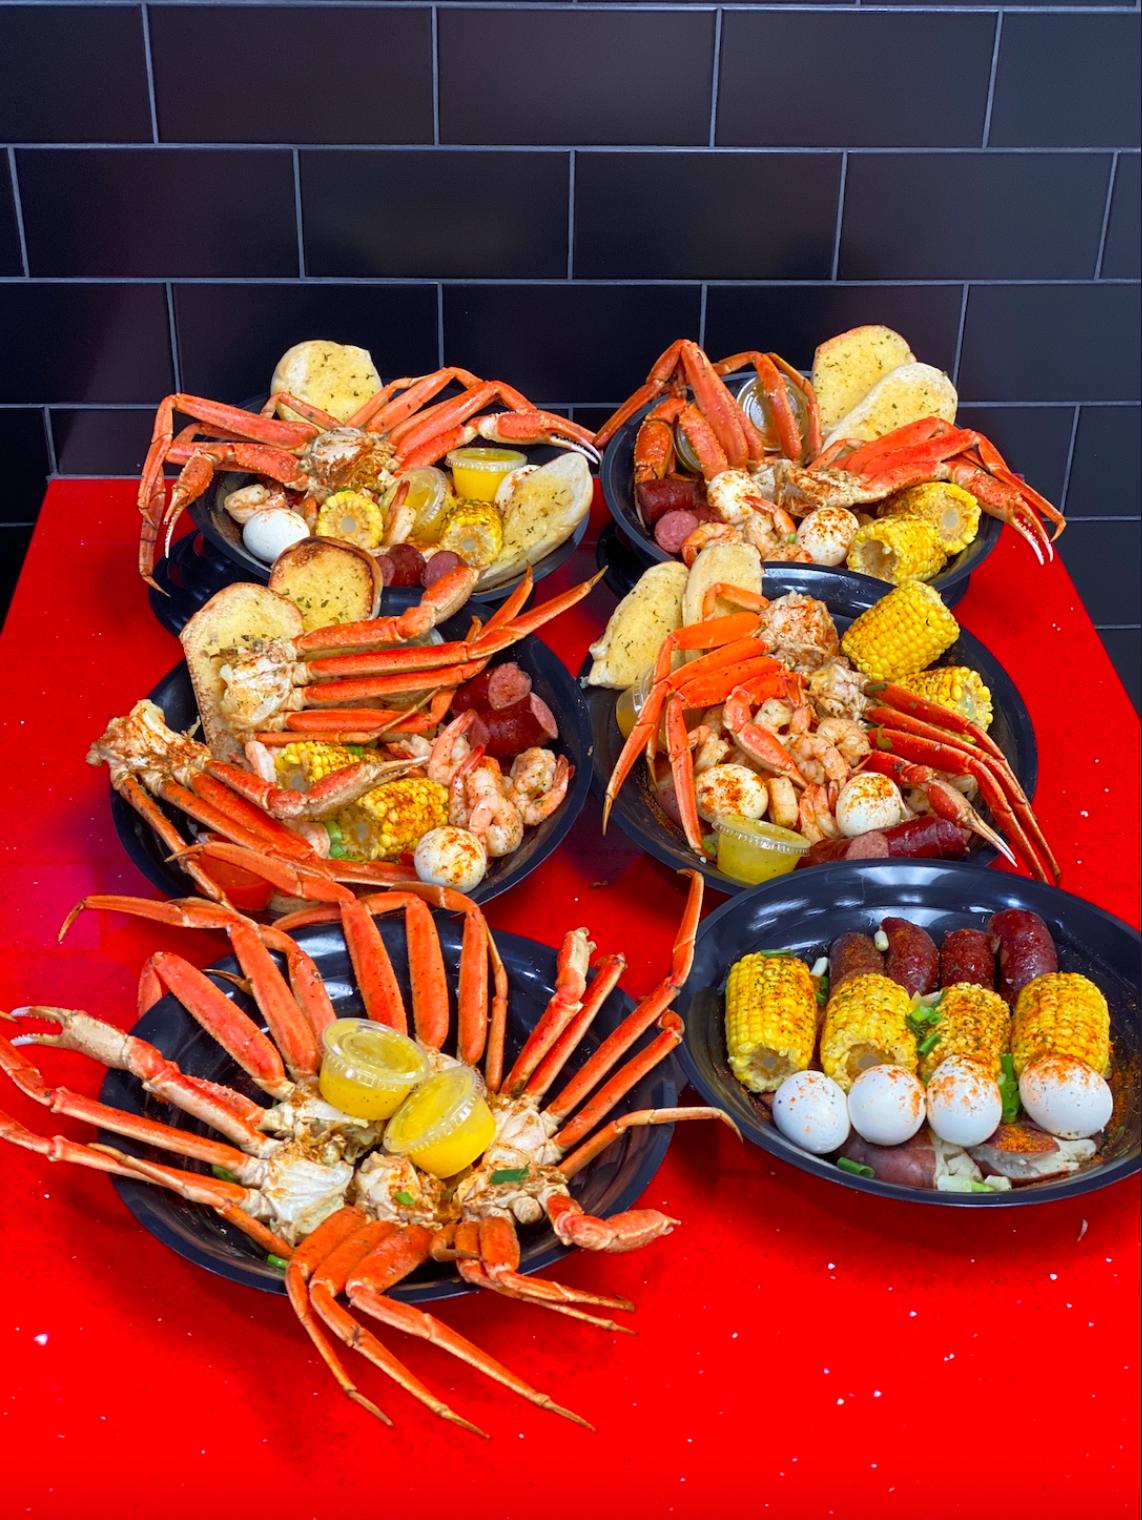 Krabby Daddy's Seafood Eatery - Farmington